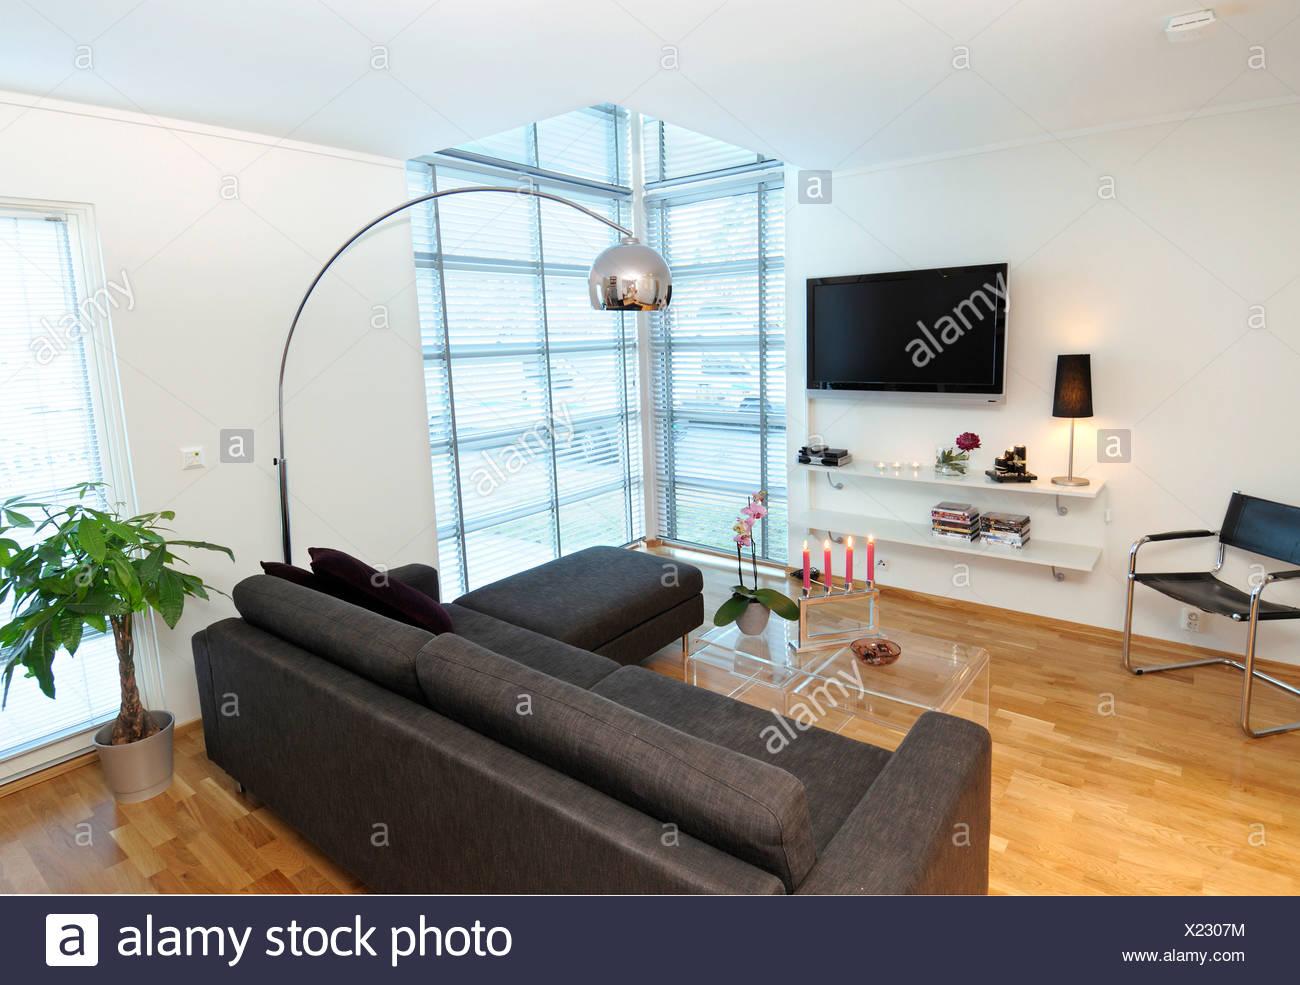 Vista di lampada da terra su nero divano con tv a schermo piatto in ...